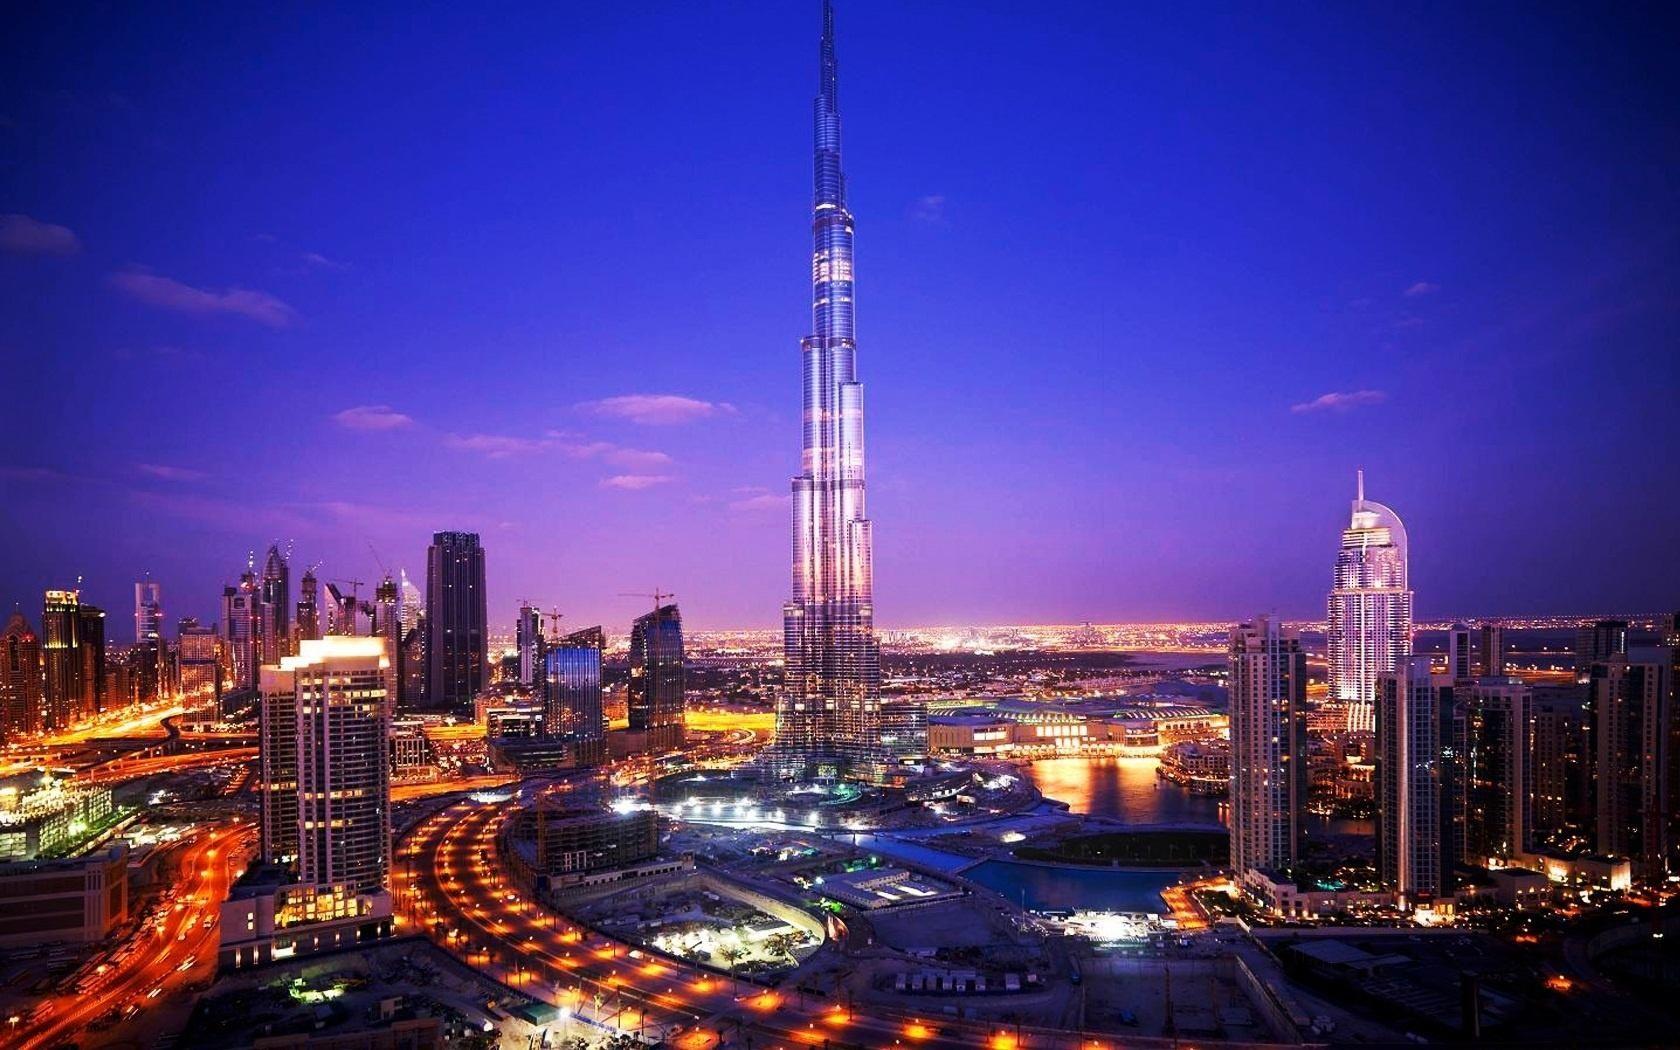 Noche Ciudad De Dubai Fondos De Pantalla